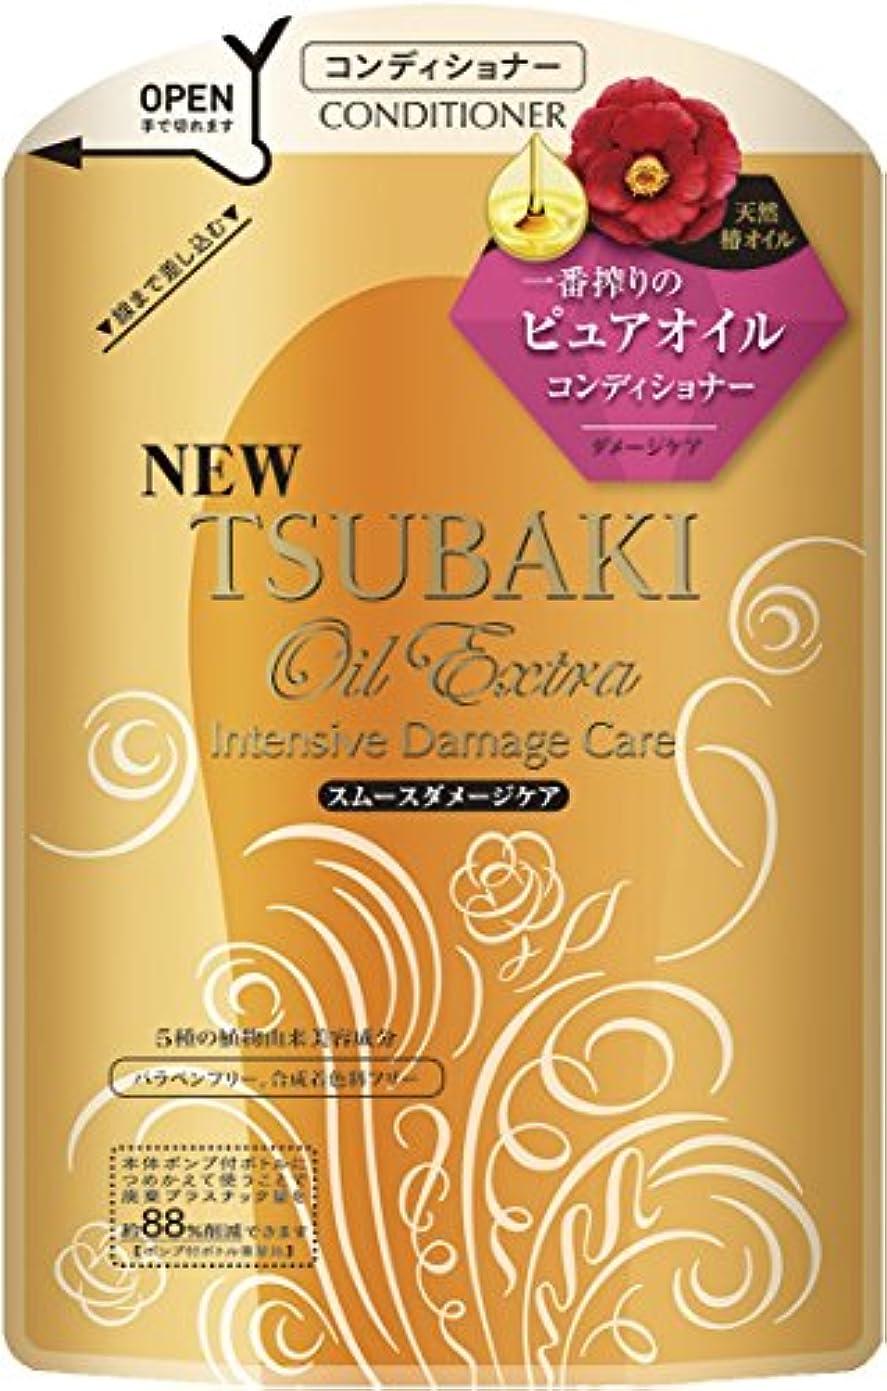 暗黙ワードローブ軽くTSUBAKI オイルエクストラ スムースダメージケア コンディショナー 詰め替え用 (からまりやすい髪用) 330ml